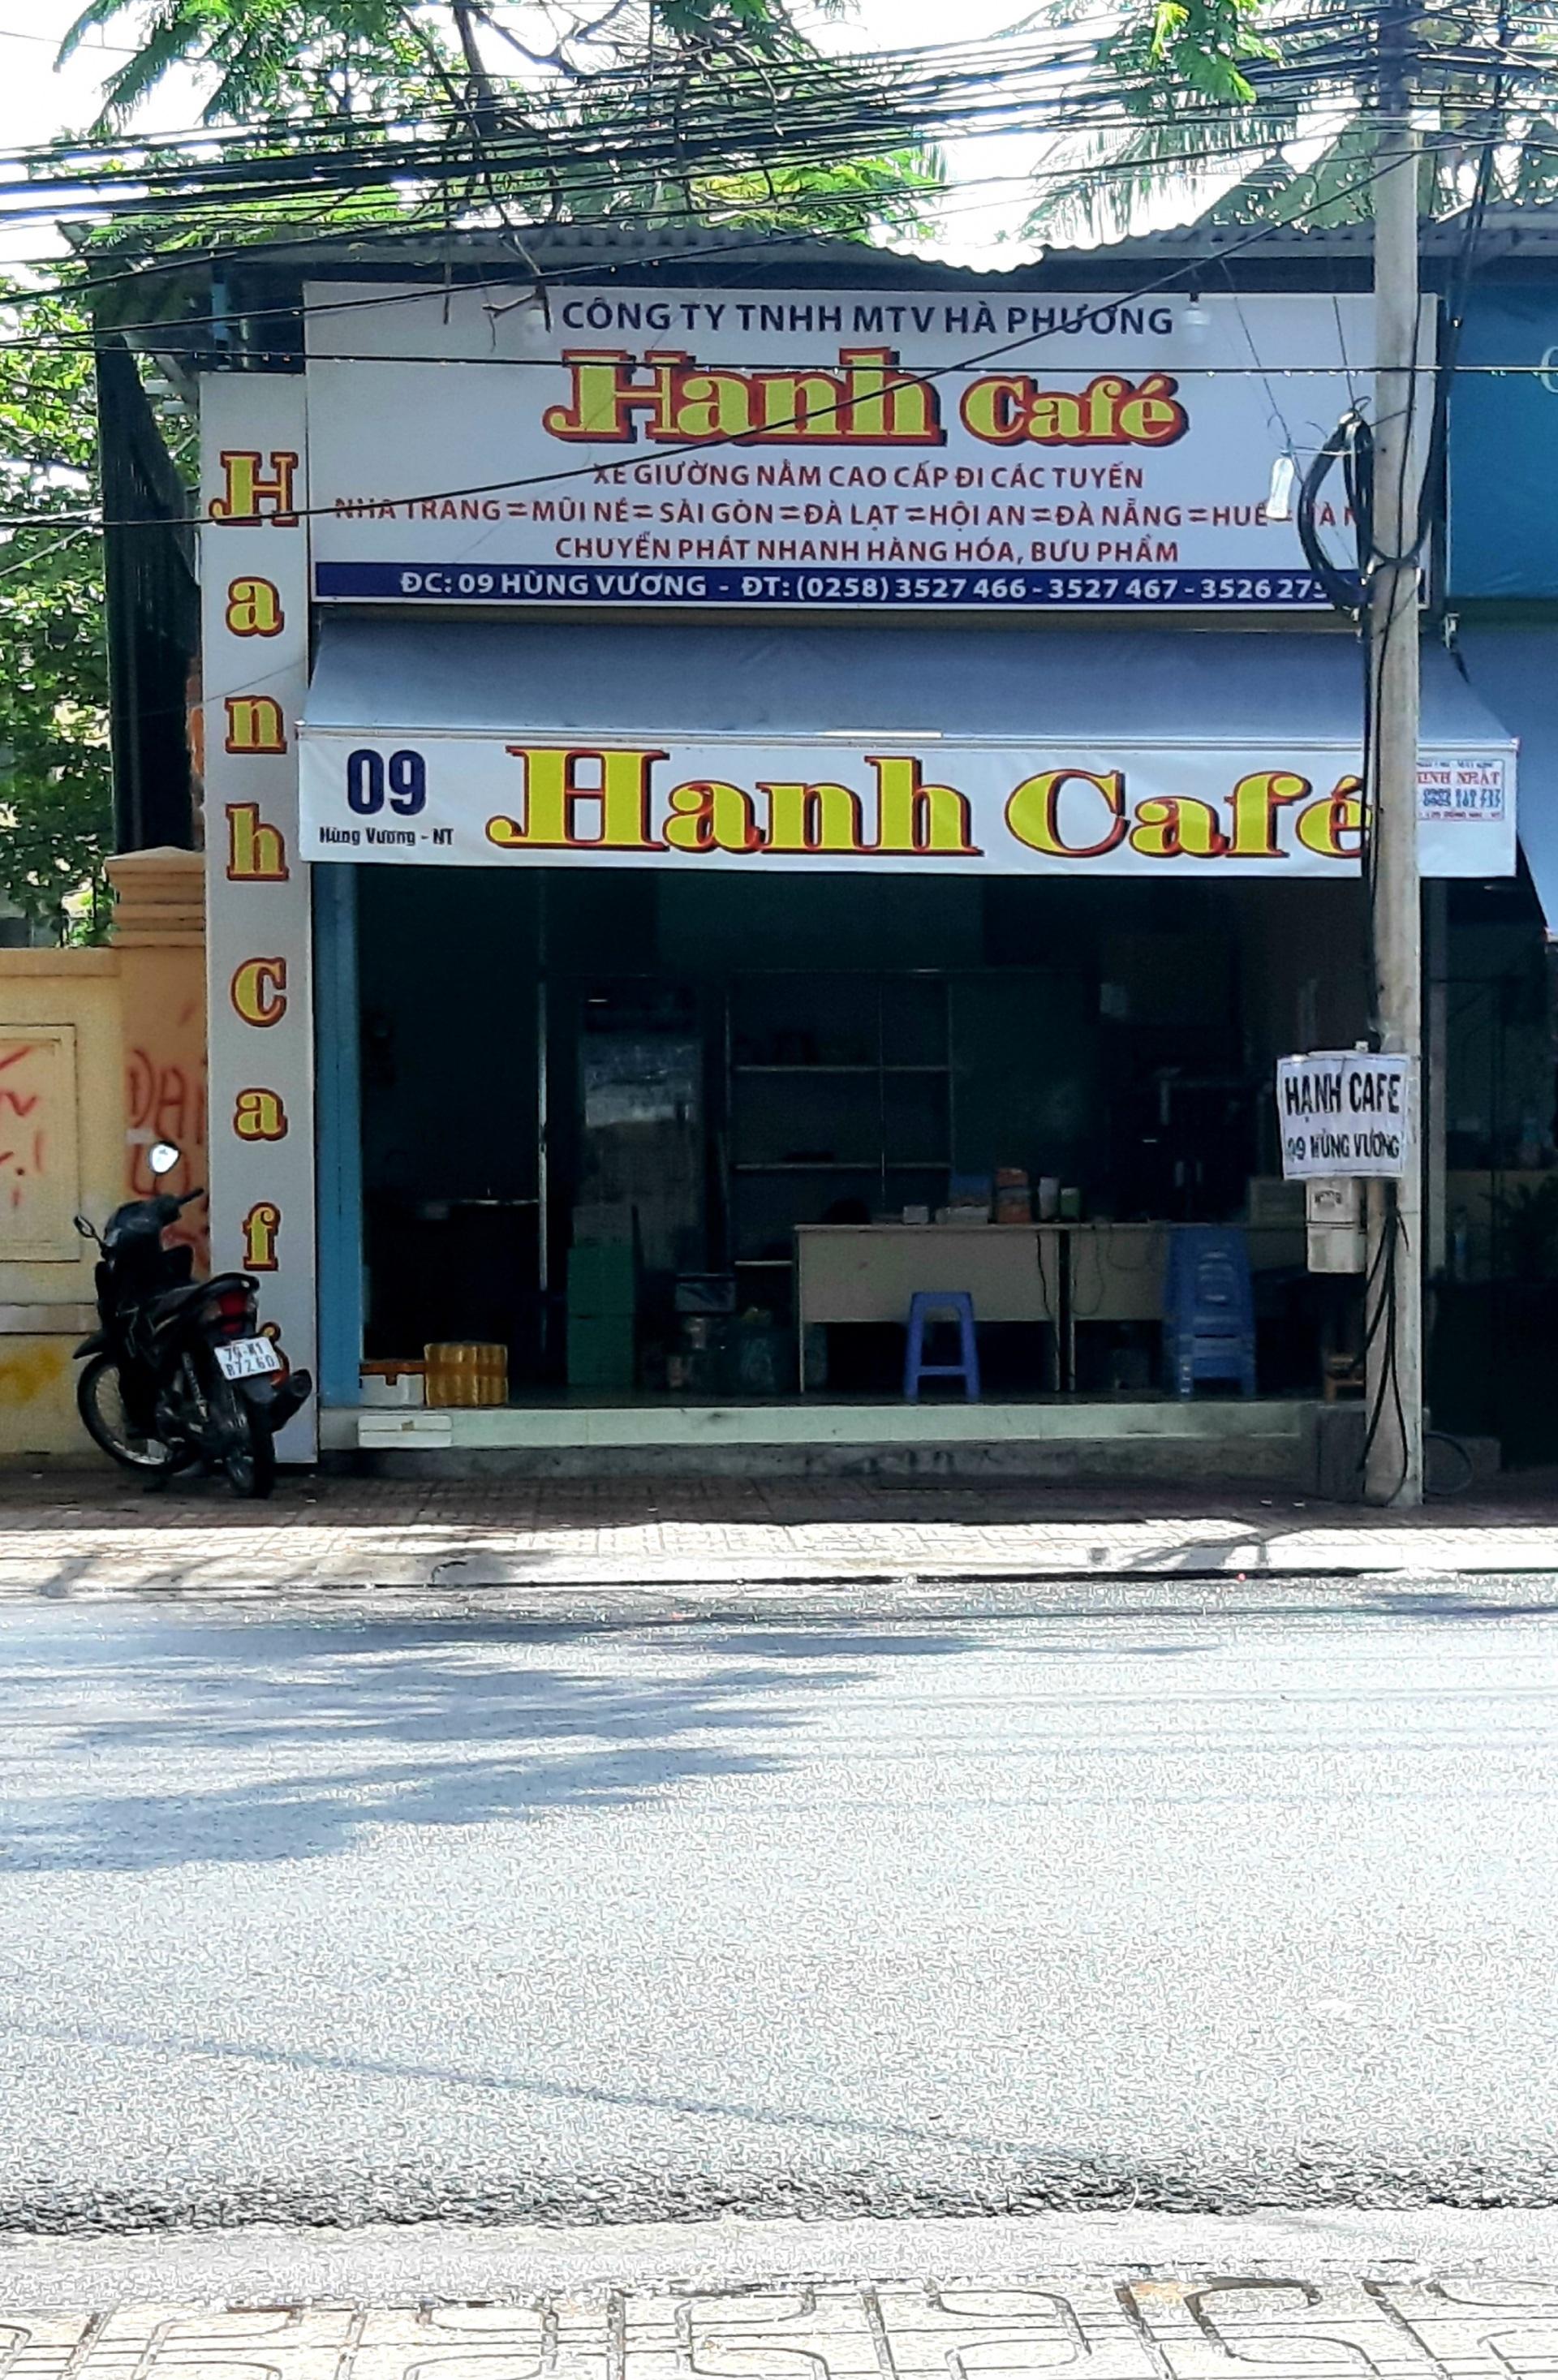 Nha Trang, Khánh Hòa: Cần sớm giải quyết tranh chấp hợp đồng thuê nhà đất tại số 10 Hùng Vương (kỳ 2)